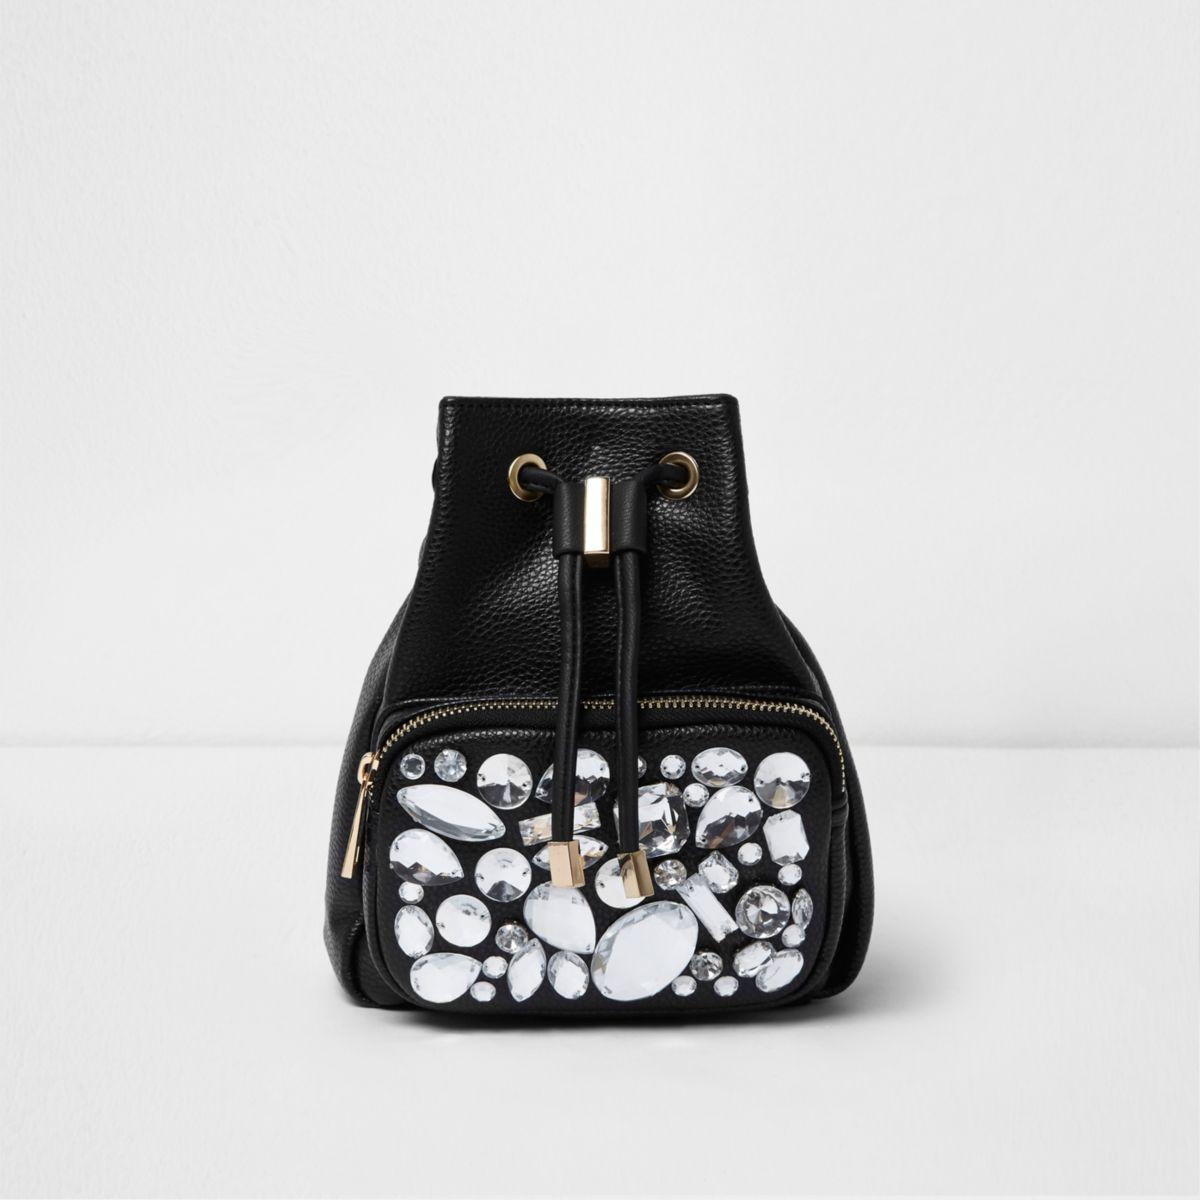 Schwarzer, verzierter Mini-Rucksack